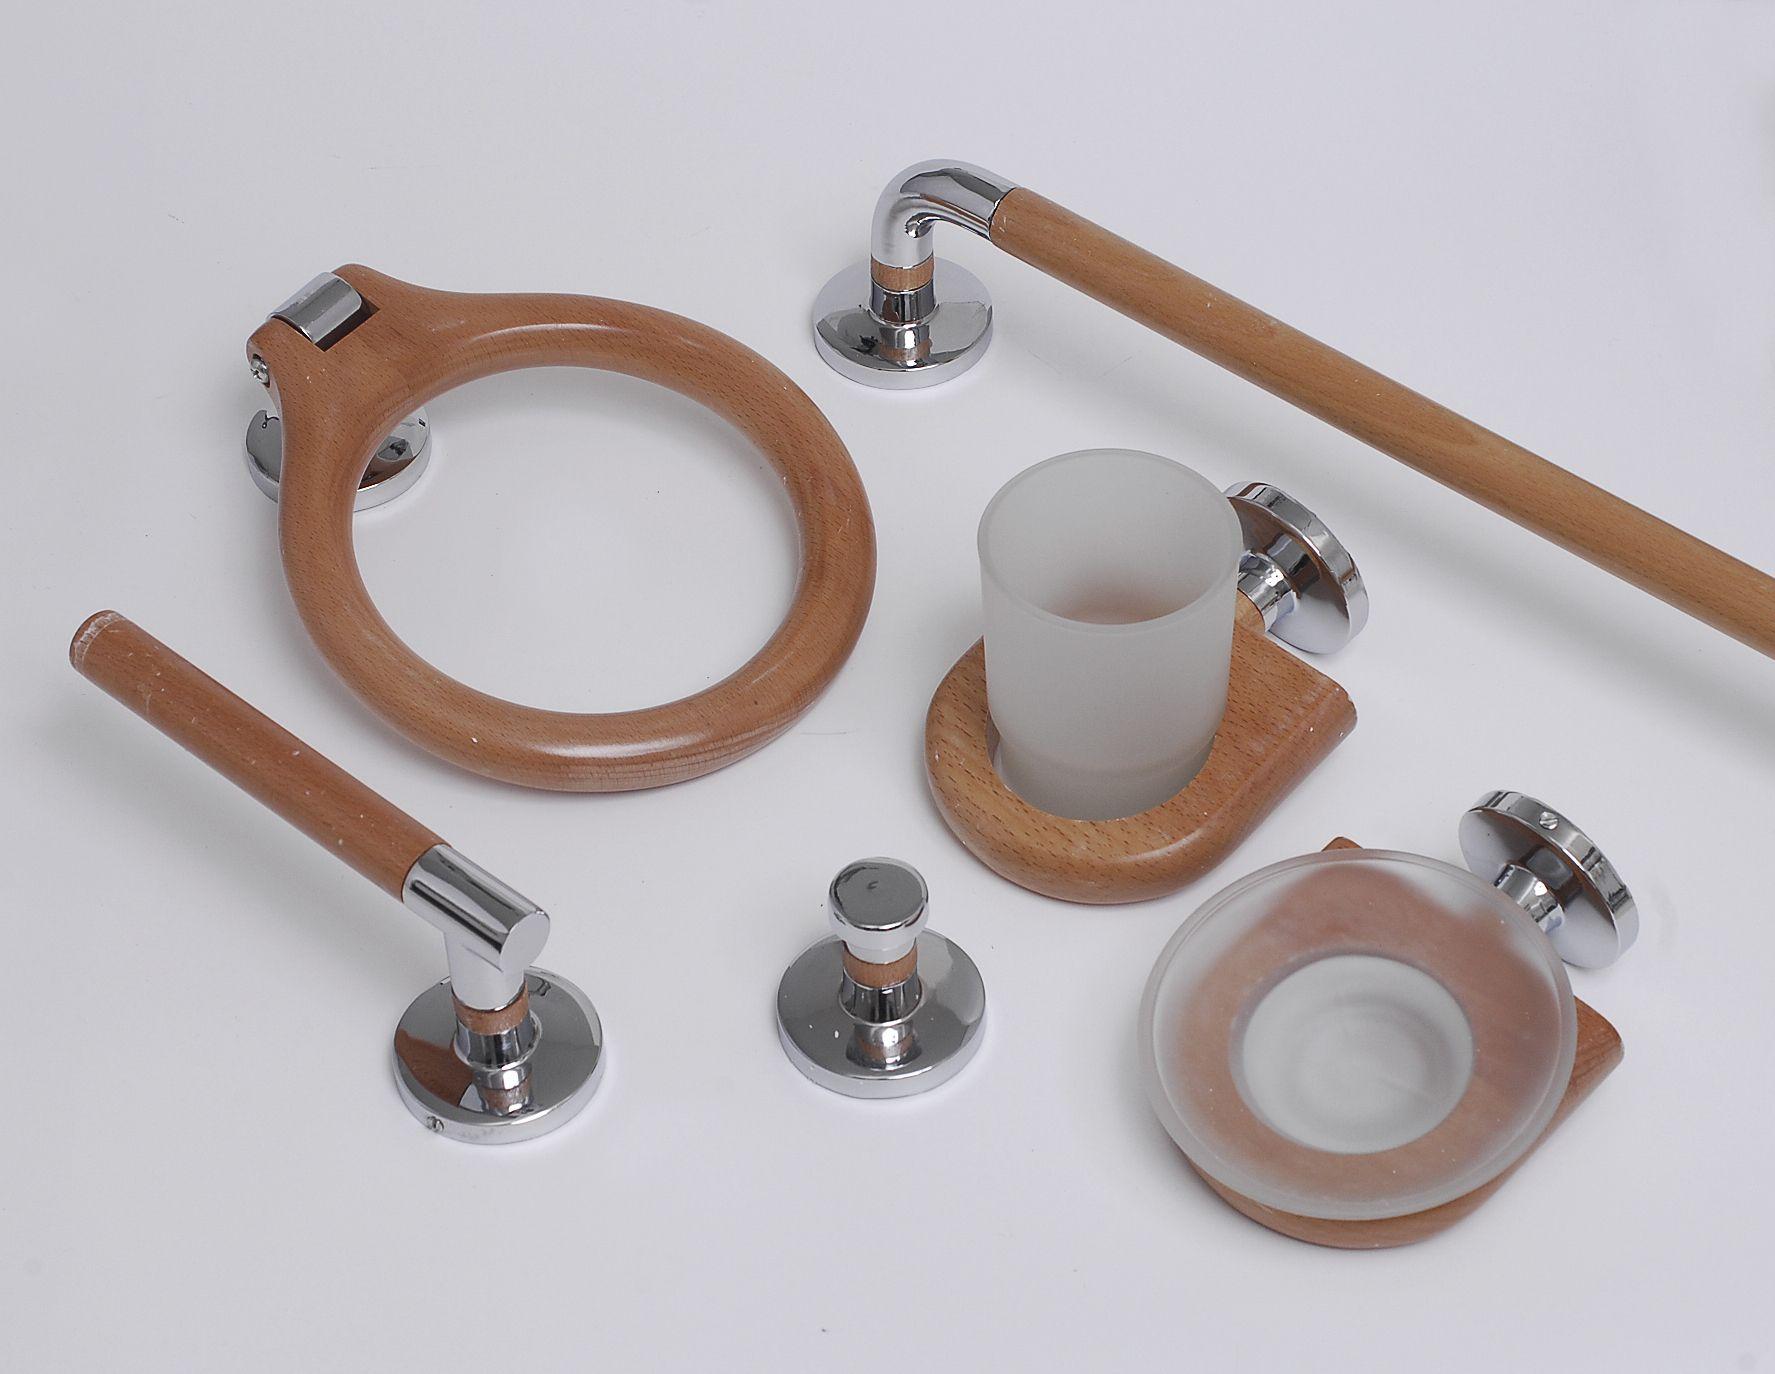 Set accesorios ba o madera 6pzs cod sam accesorios para for Set accesorios bano